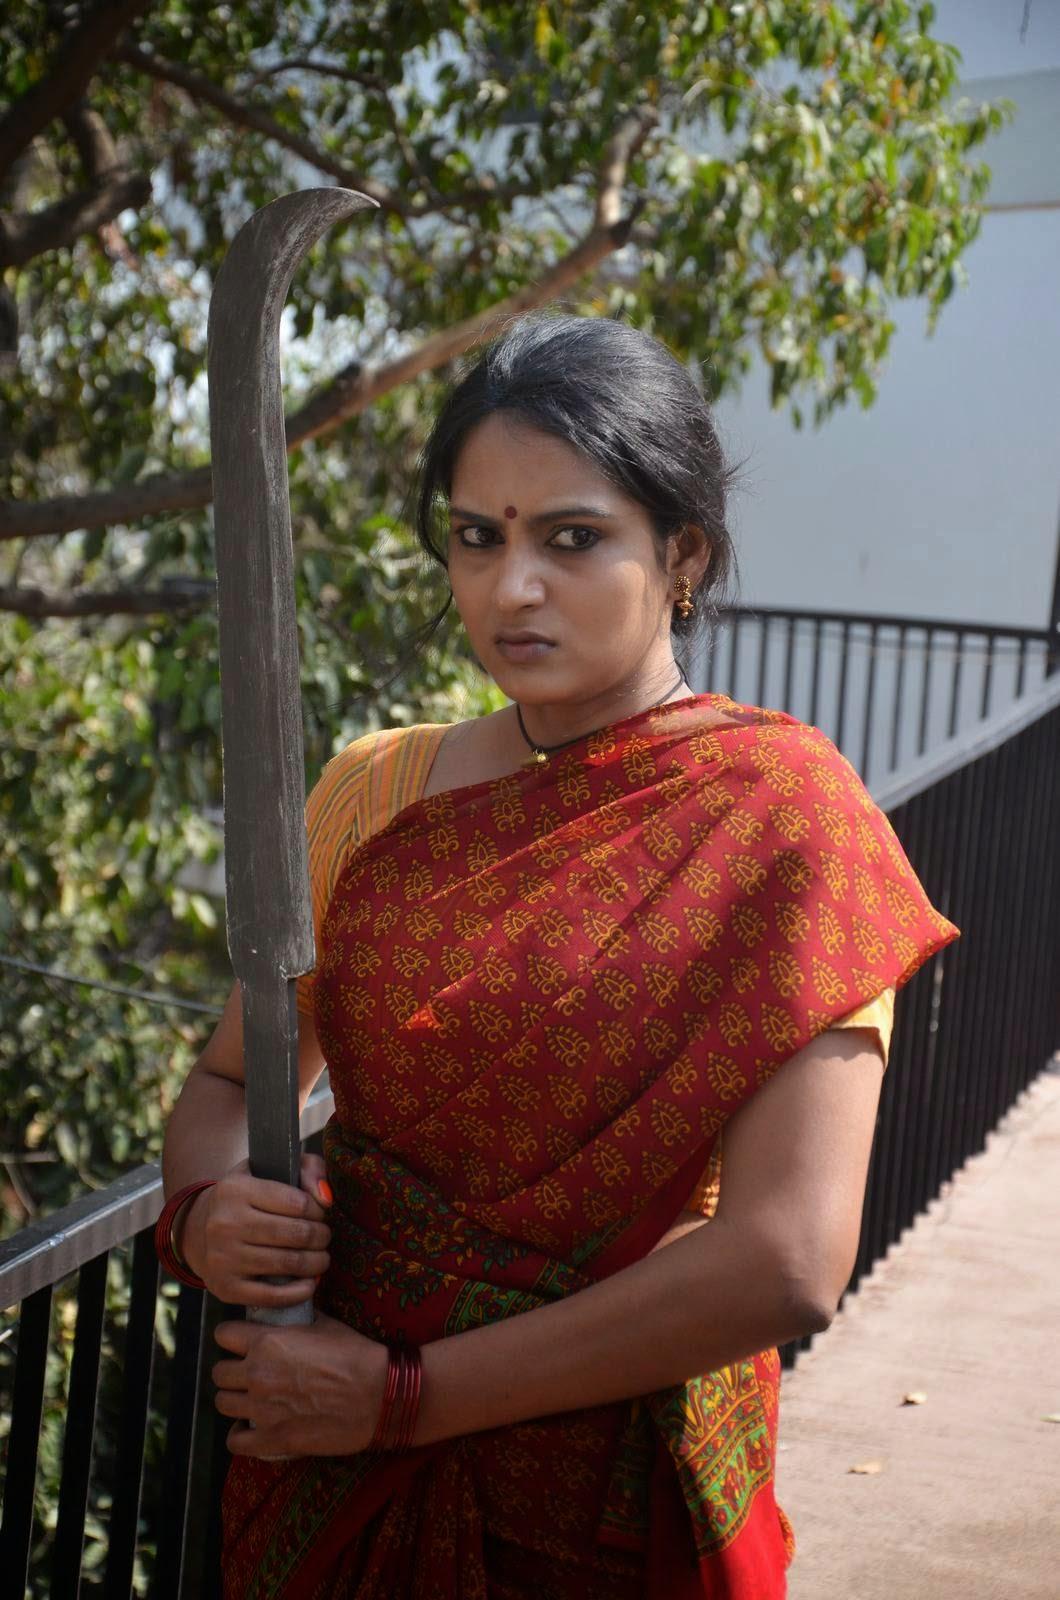 Himaja-Veta Kodavallu First Look Posters, Telegu Actress Himaja Hot Pics In sare from Veta Kodavallu Movie